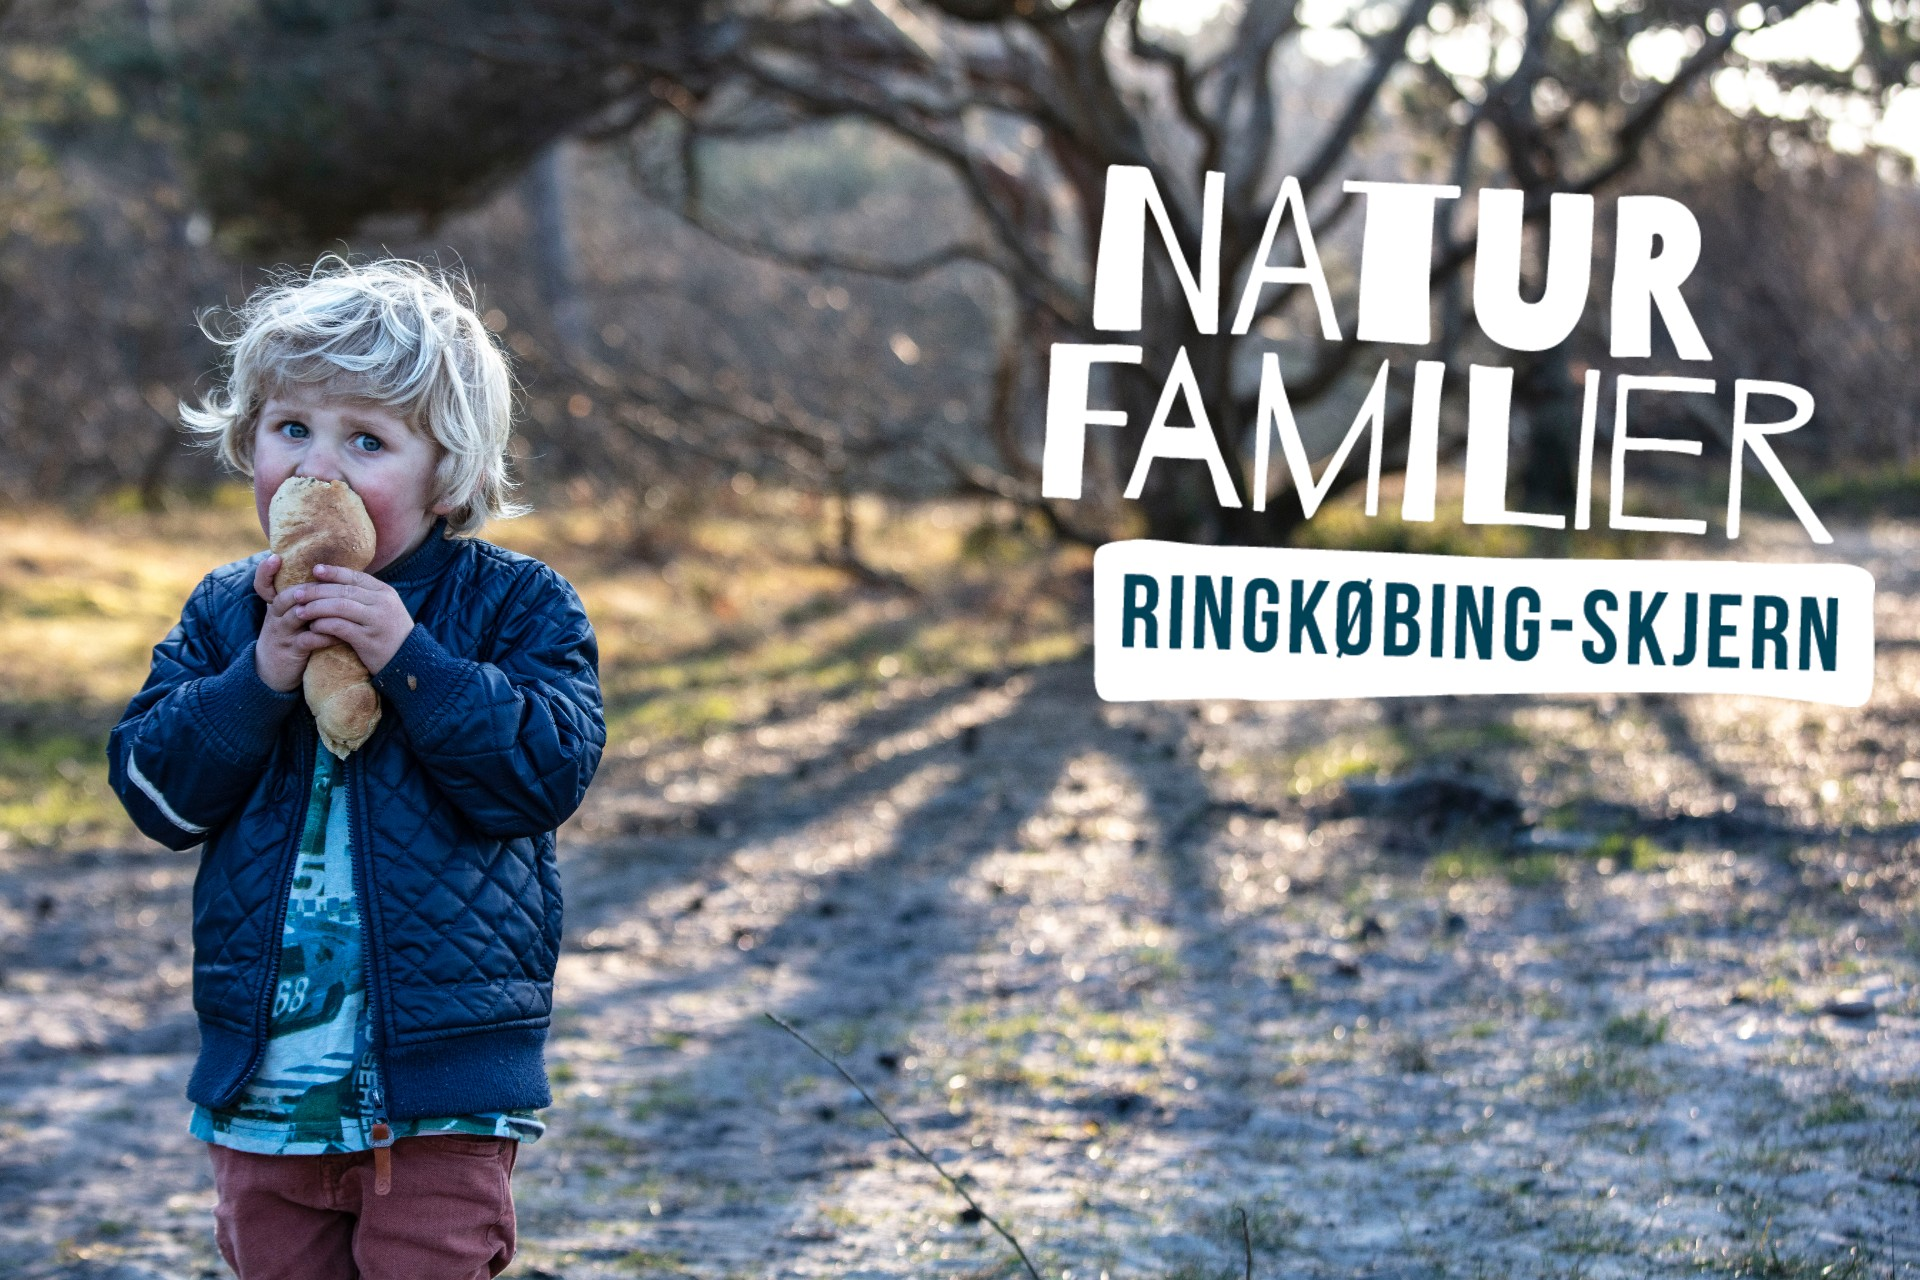 Naturfamilier Ringkøbing-Skjern